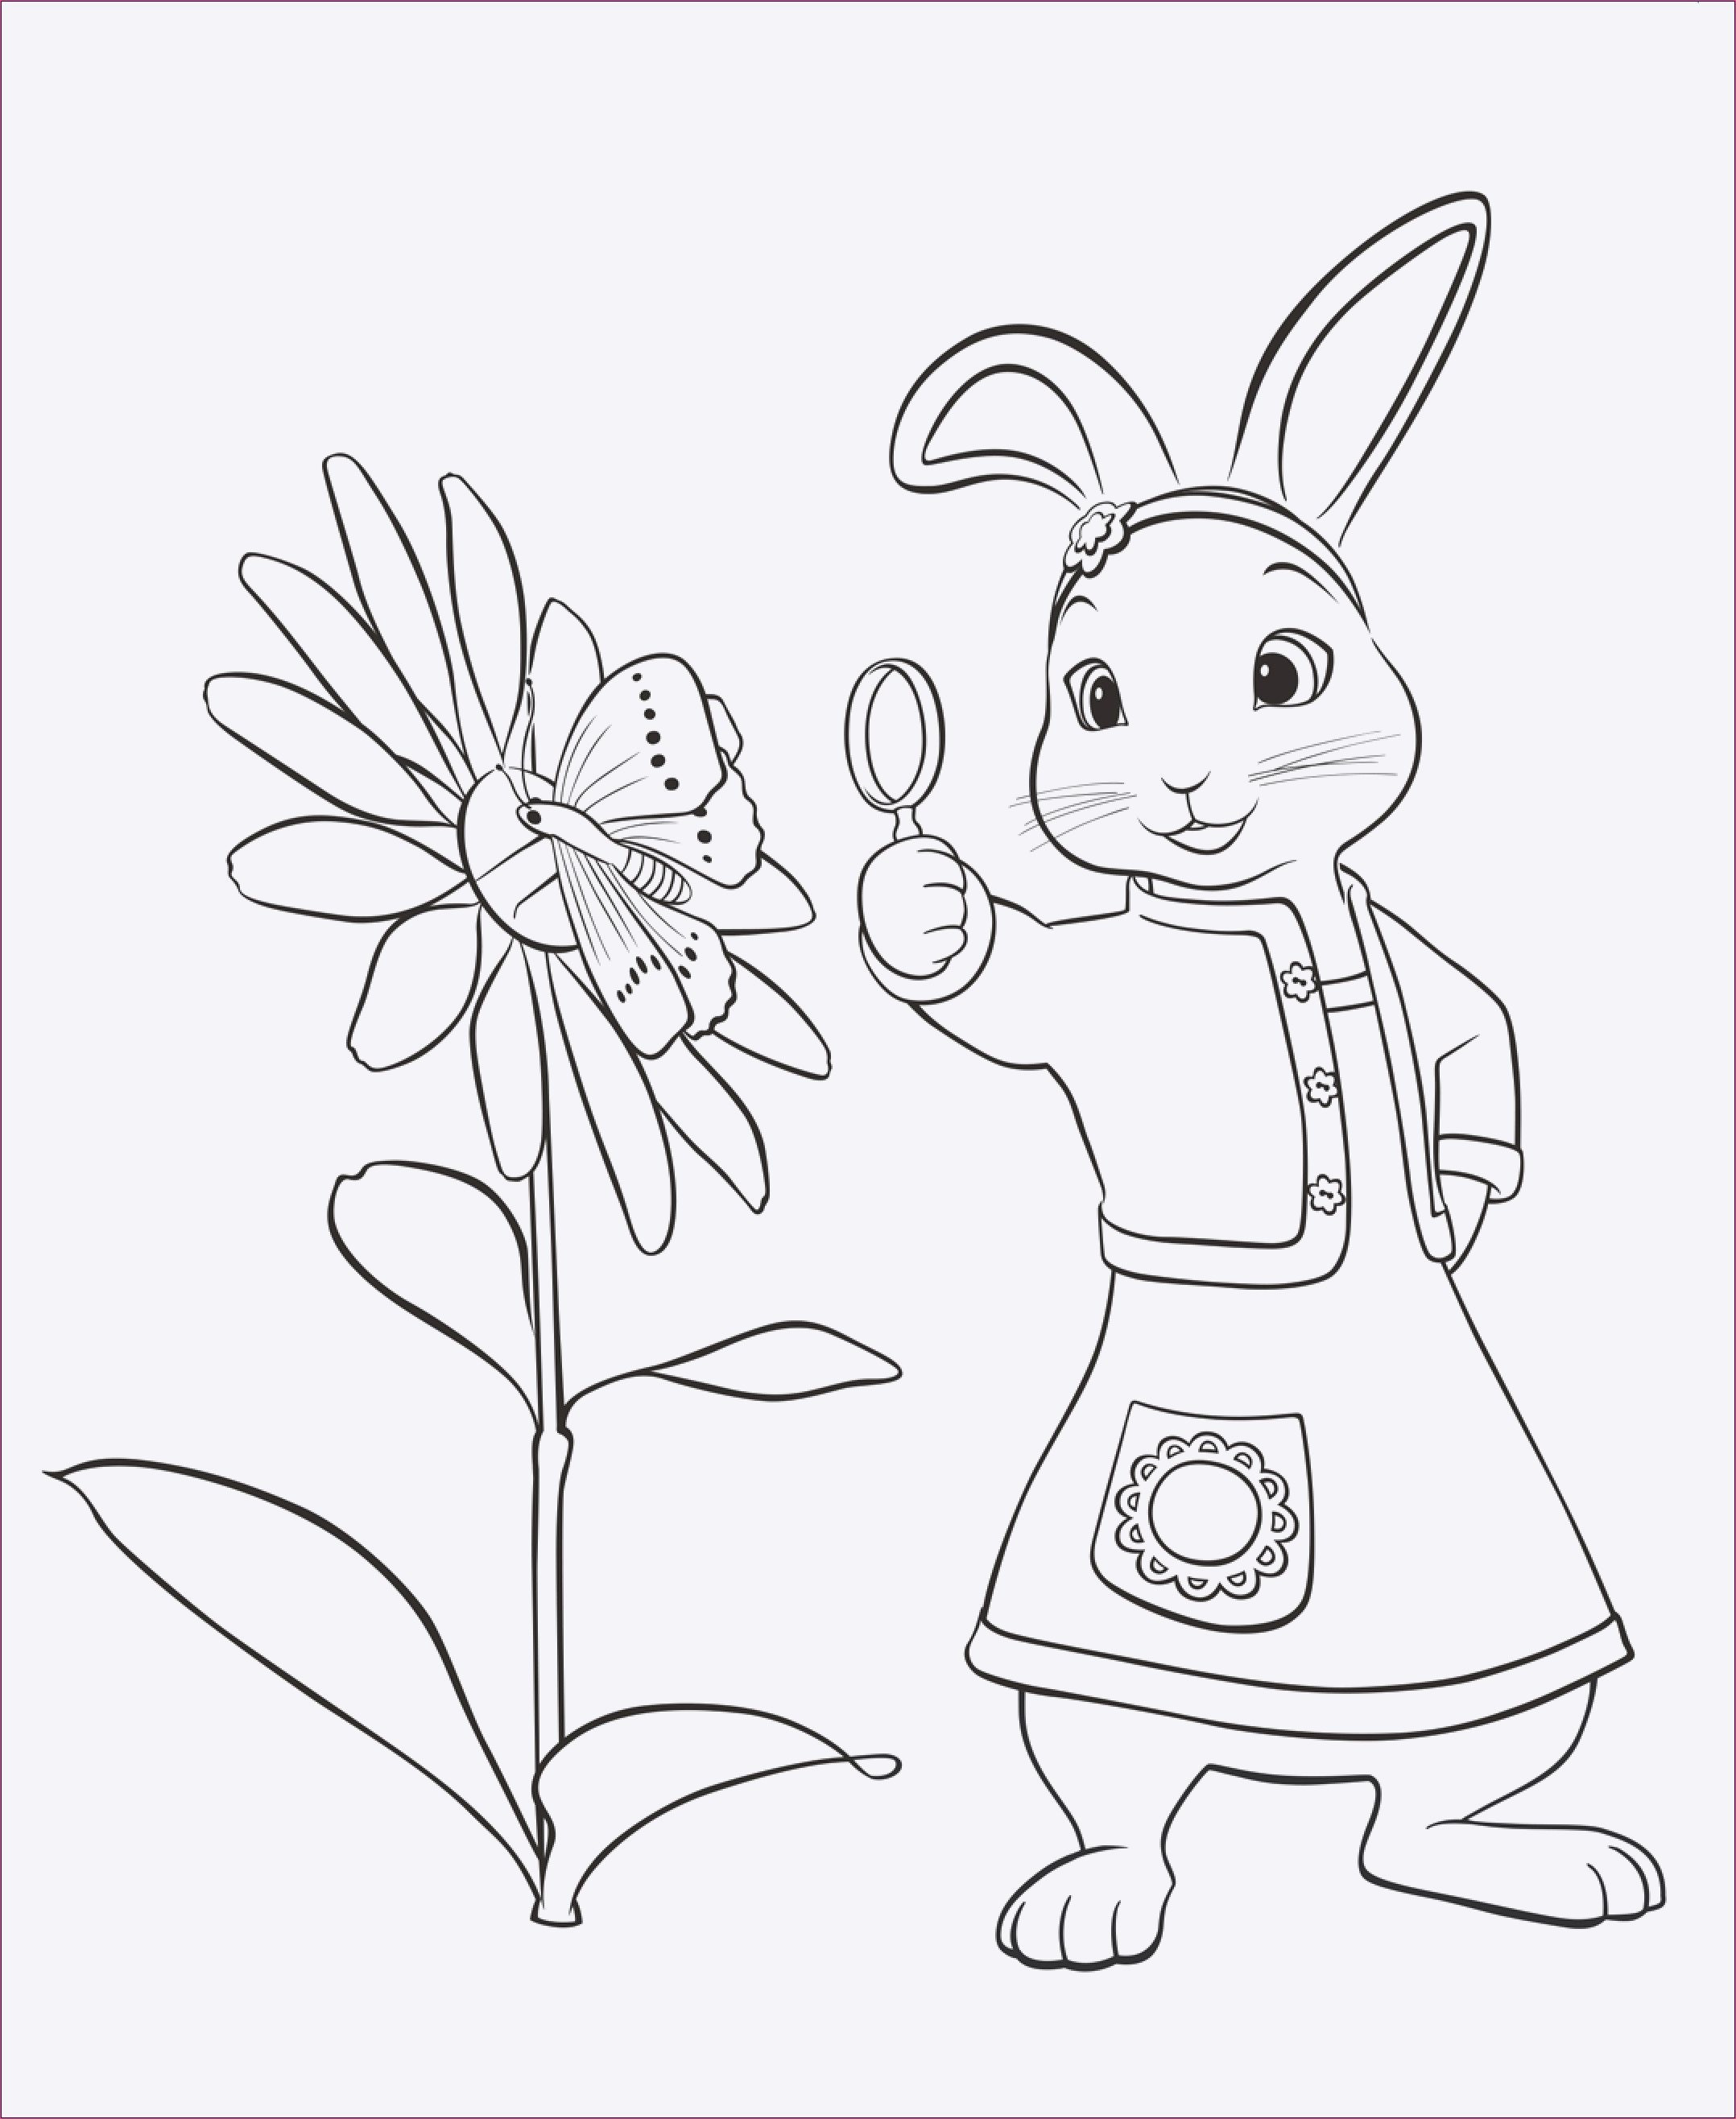 Sofia Die Erste Ausmalbild Das Beste Von Ostern Druckbare Malvorlagen Wunderschöne Ausmalbilder Kaninchen Bild